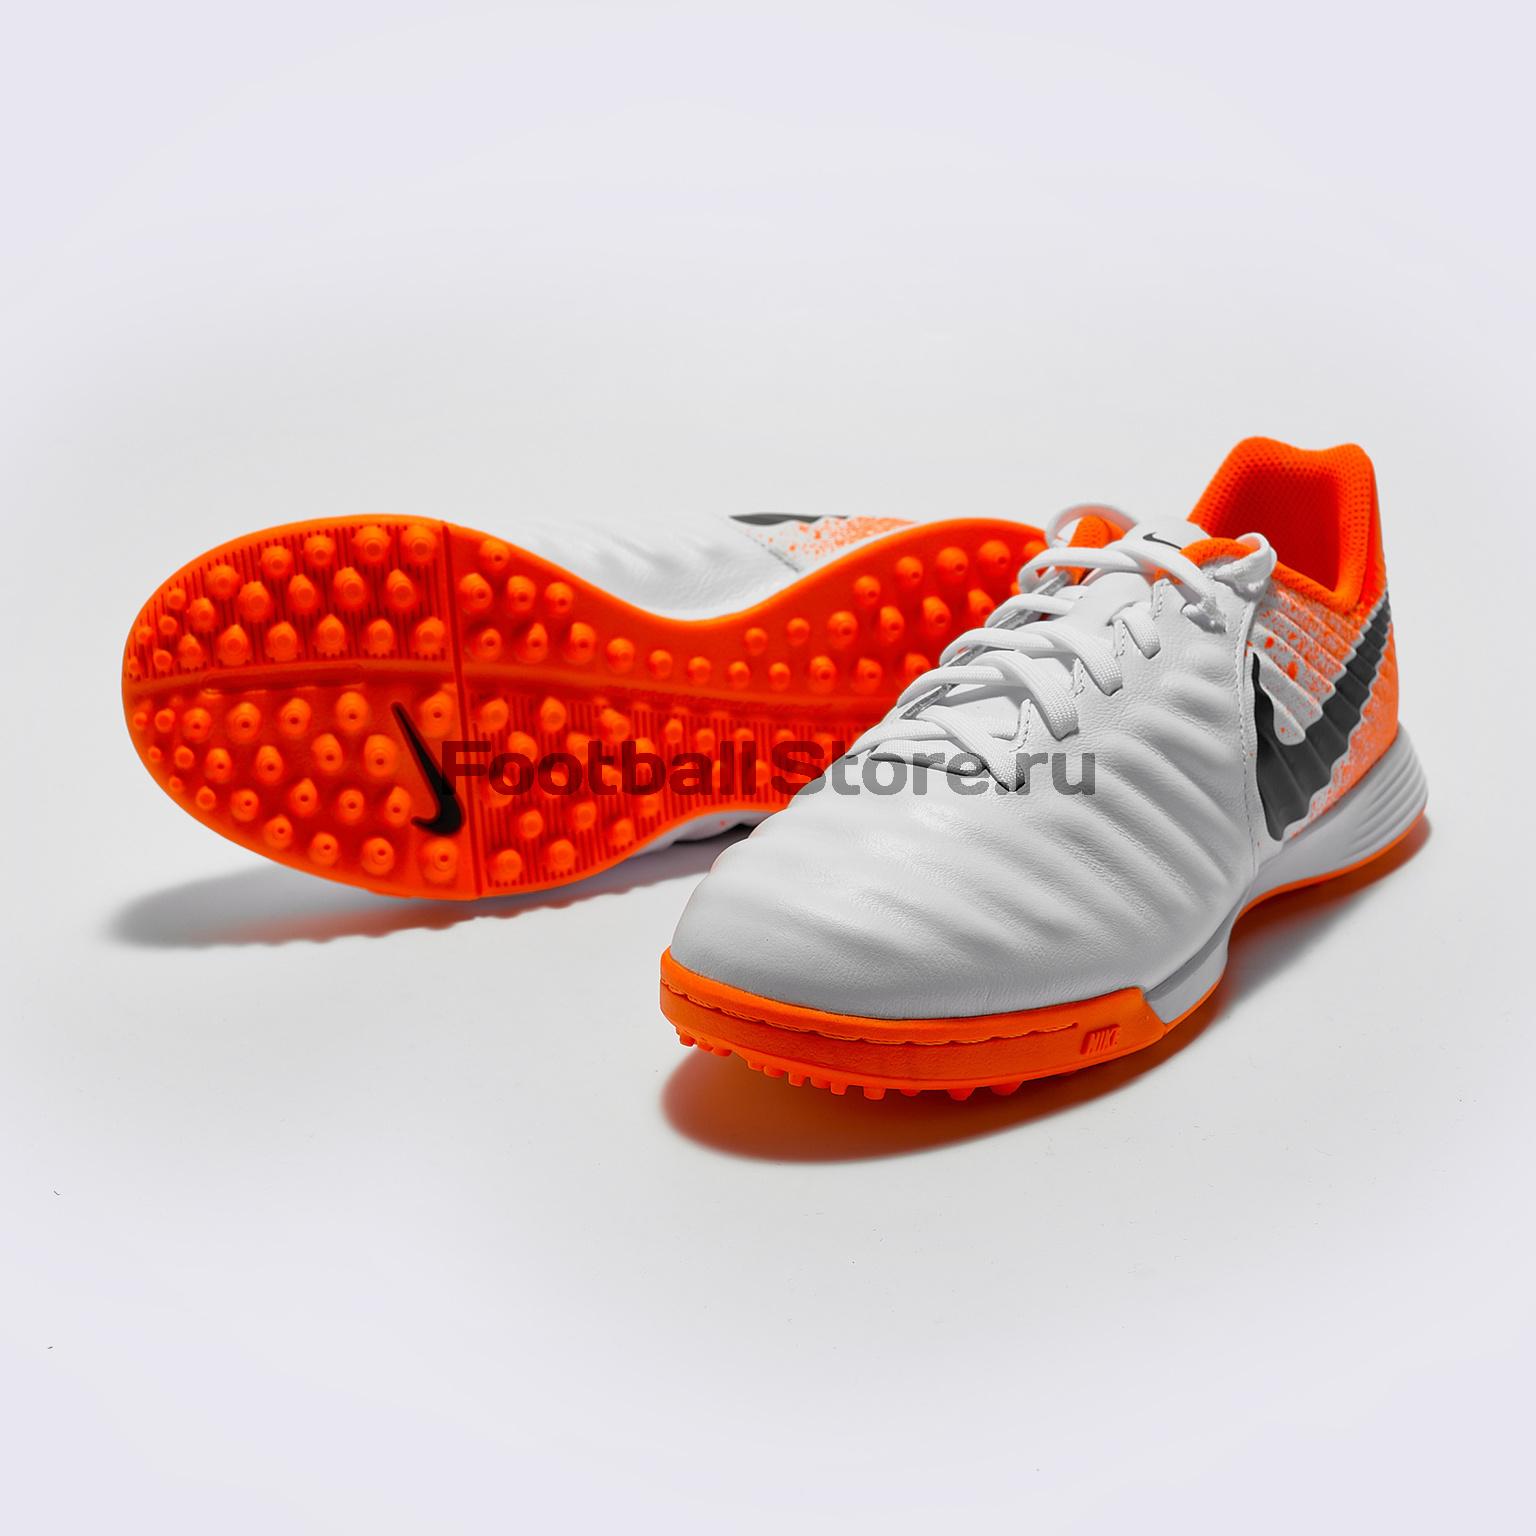 купить Шиповки детские Nike Legend 7 Academy TF AH7259-118 по цене 3690 рублей